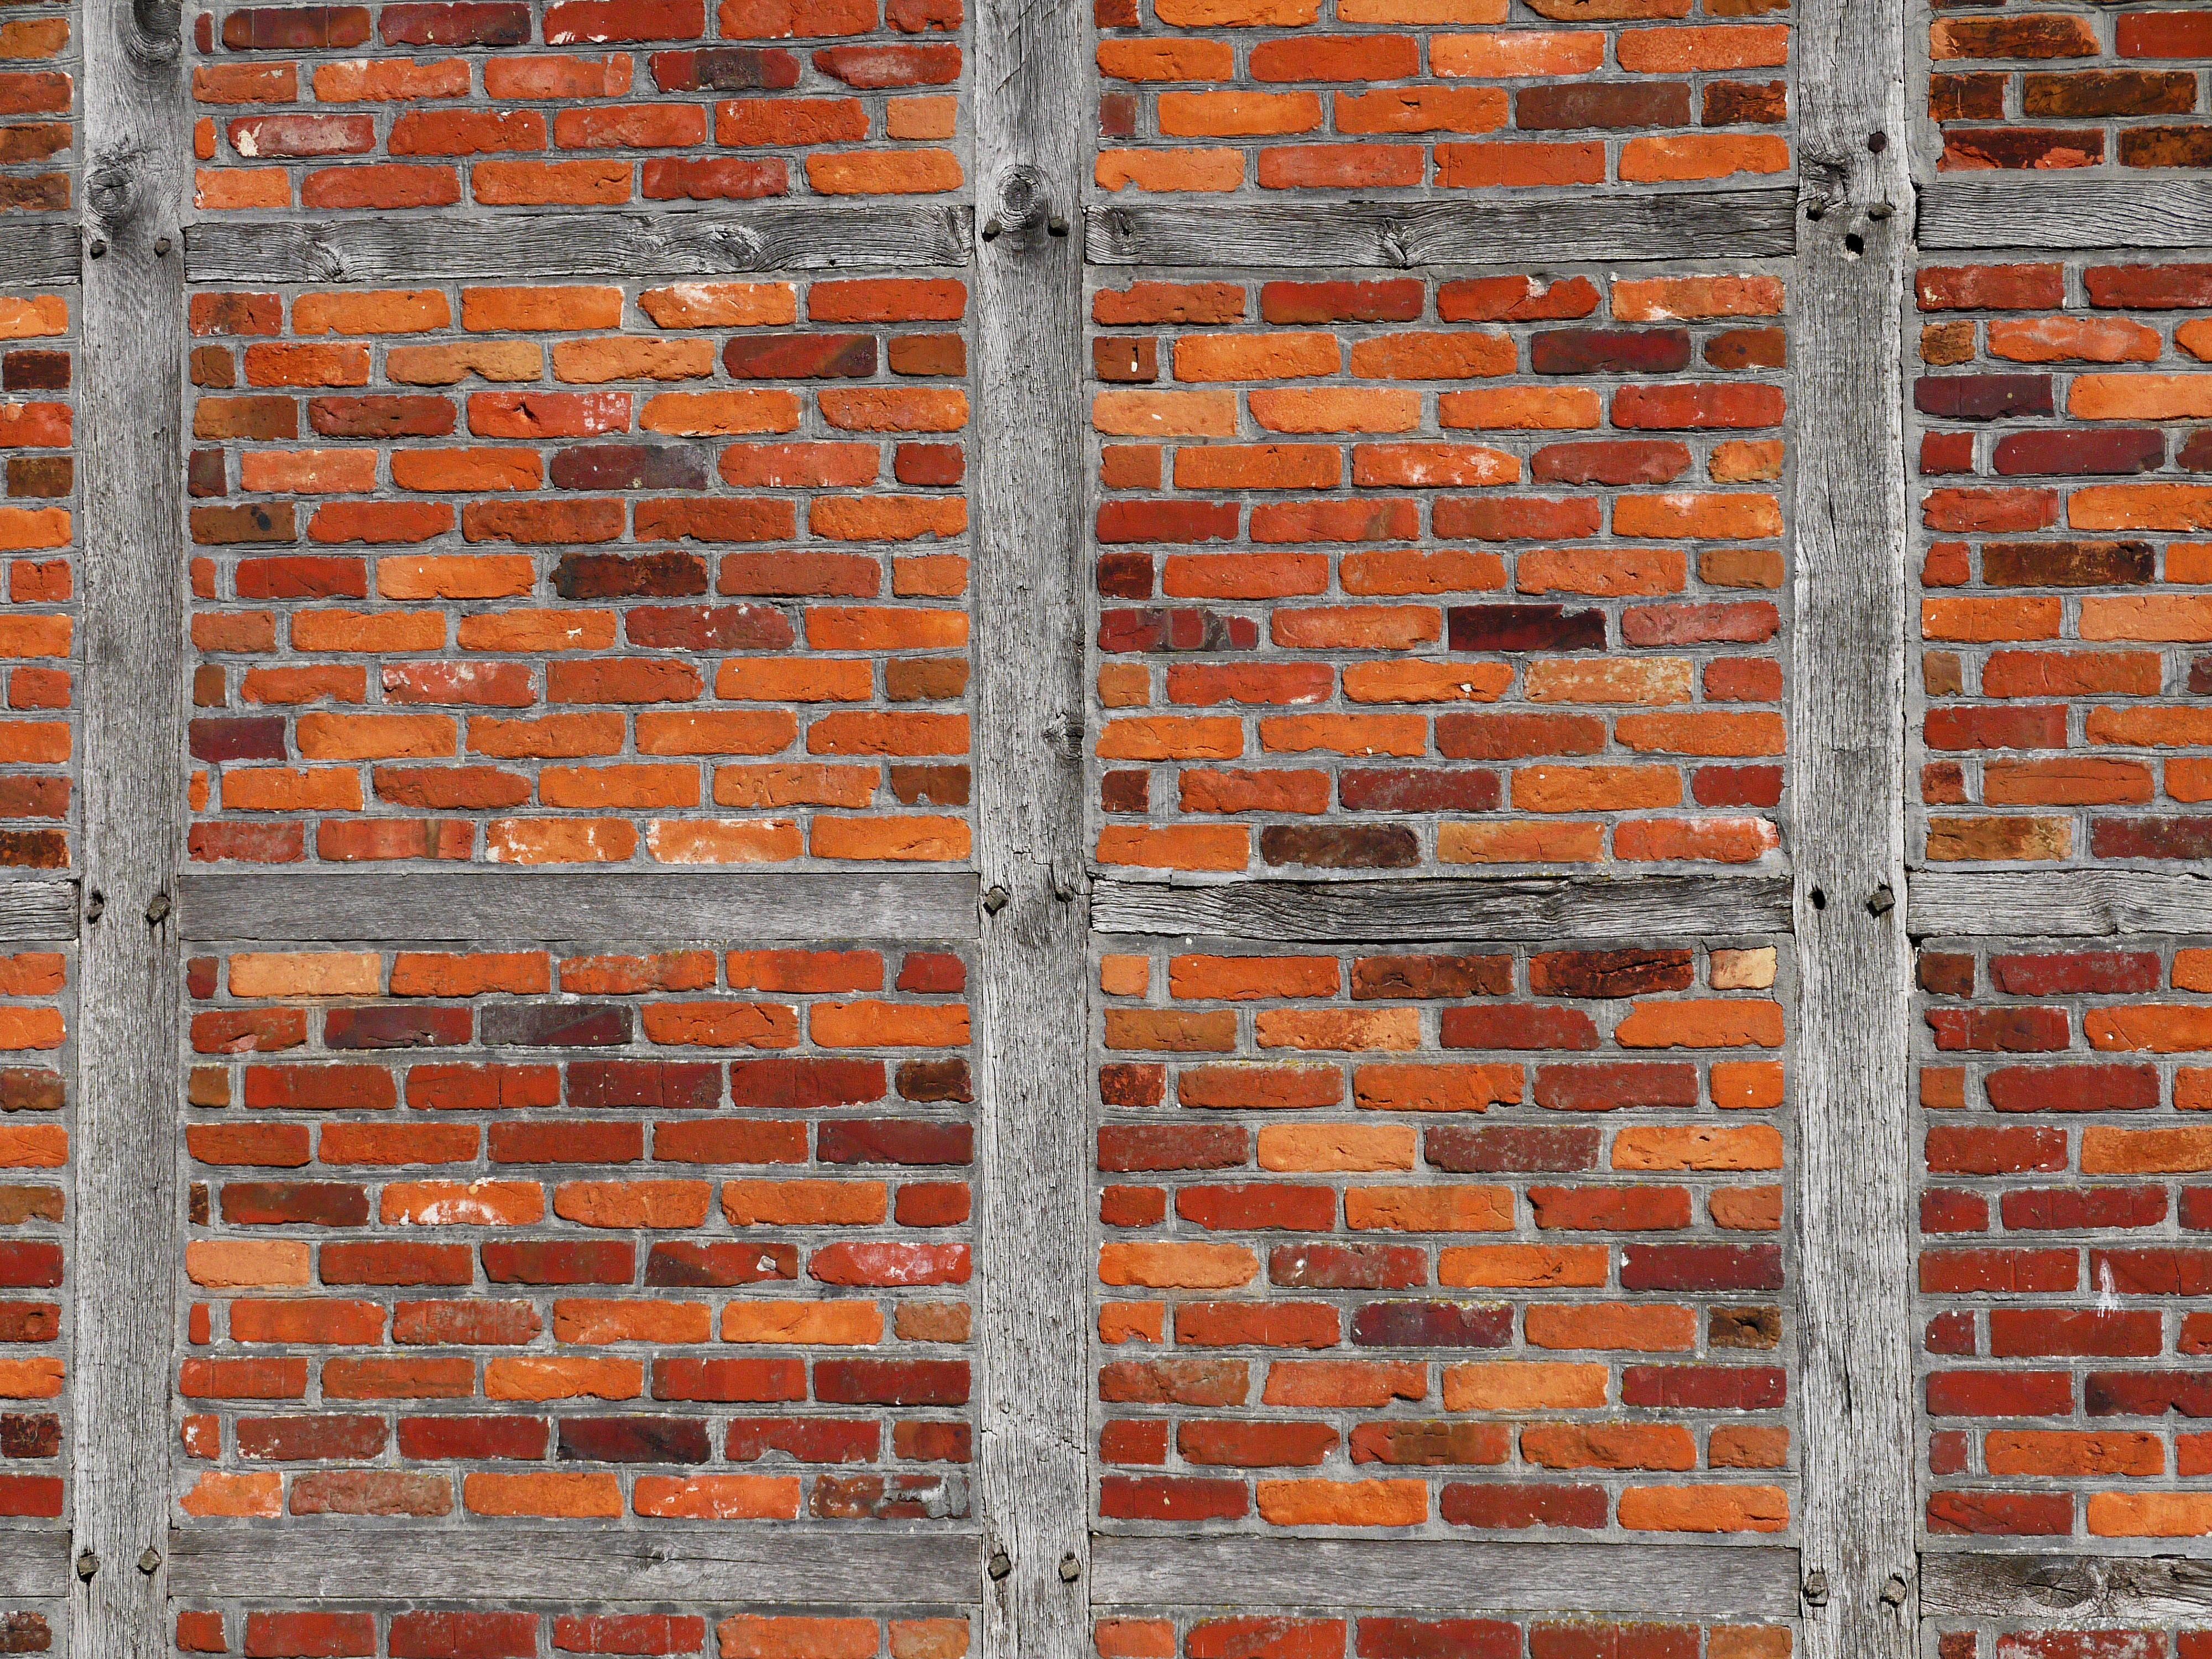 meilleurs prix meilleur site ordre Images Gratuites : antique, fenêtre, façade, mur de pierre ...